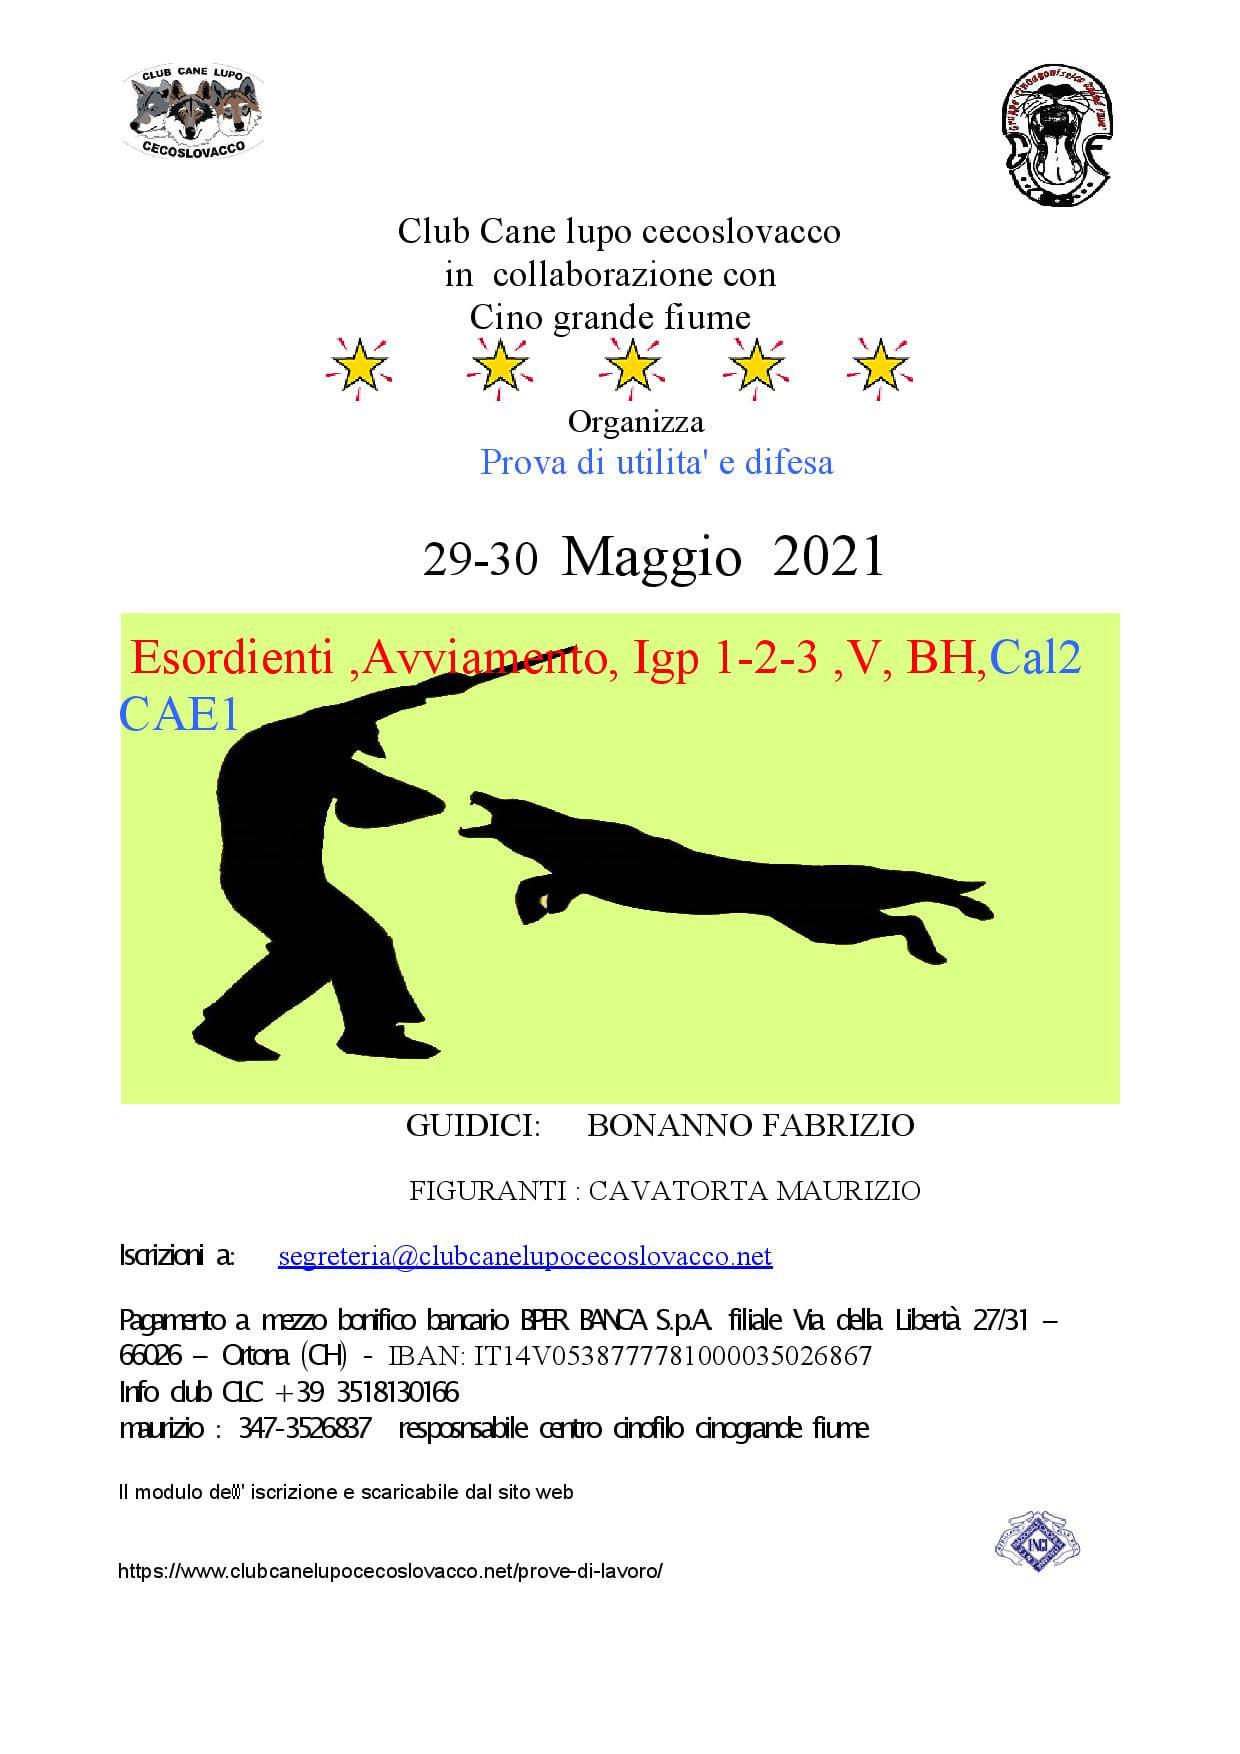 Brescello - 30-05-2021 - BH